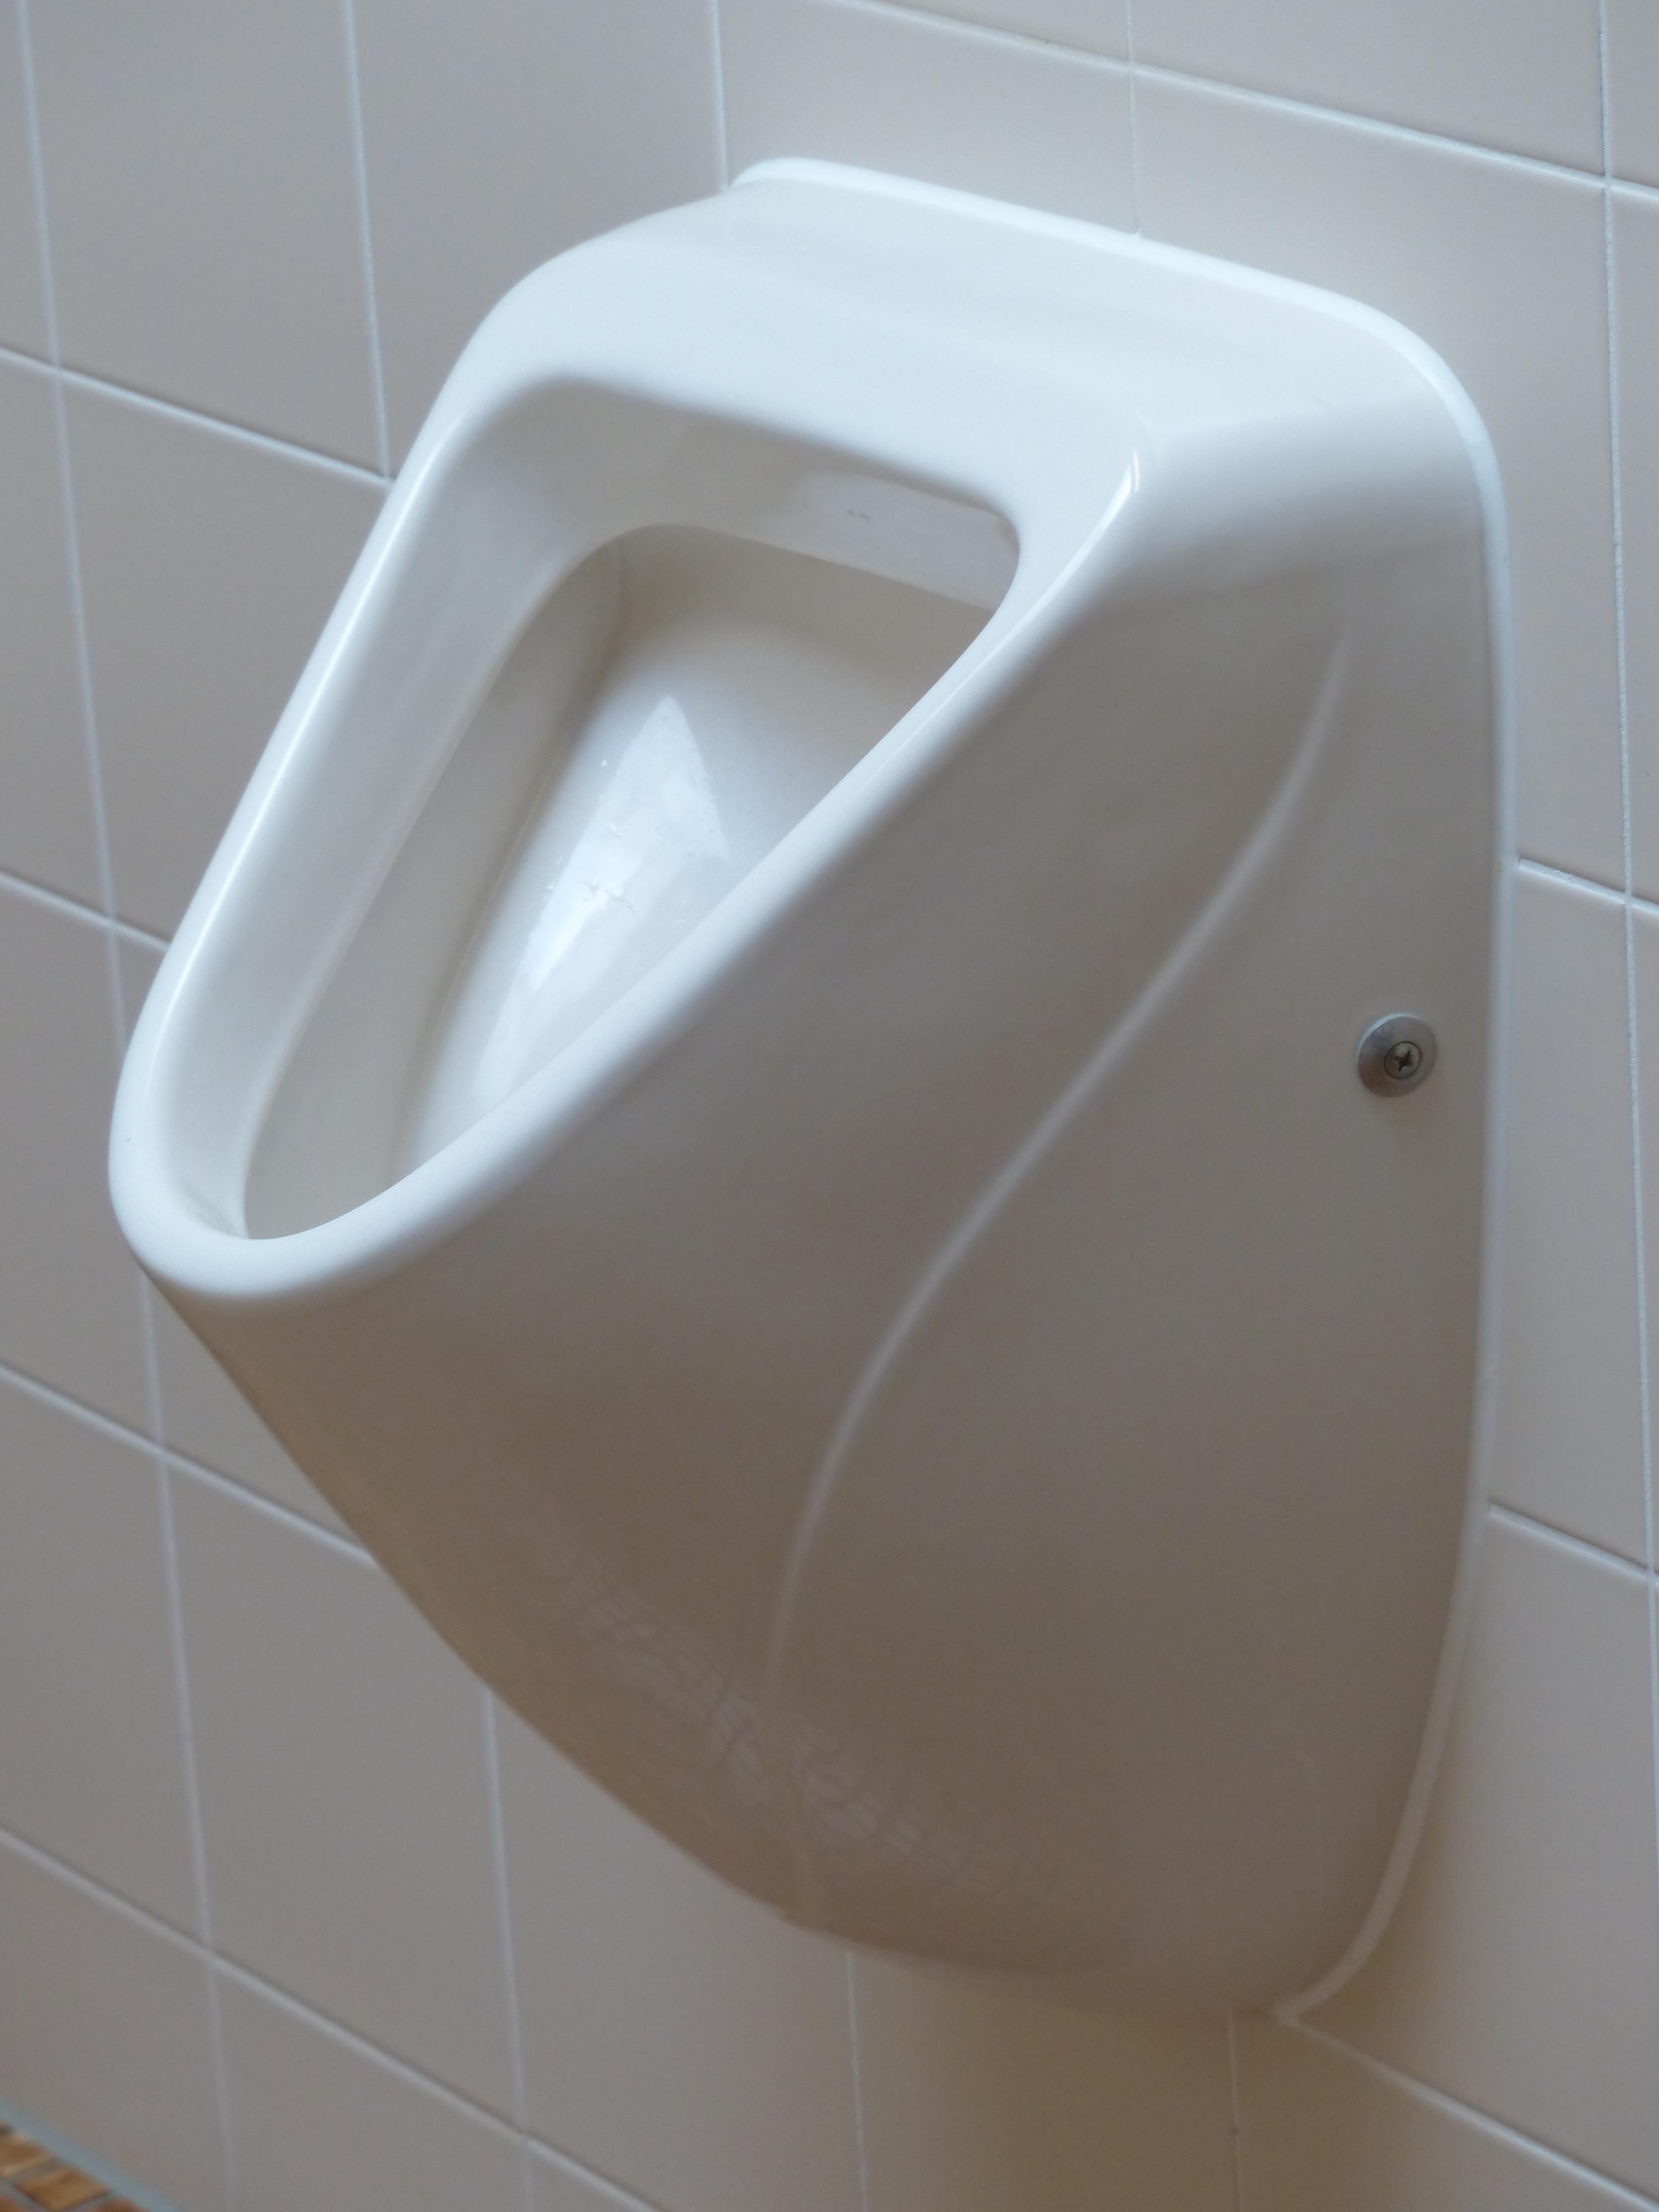 images gratuites c ramique vier baignoire toilettes public urinoir loo toilette d. Black Bedroom Furniture Sets. Home Design Ideas